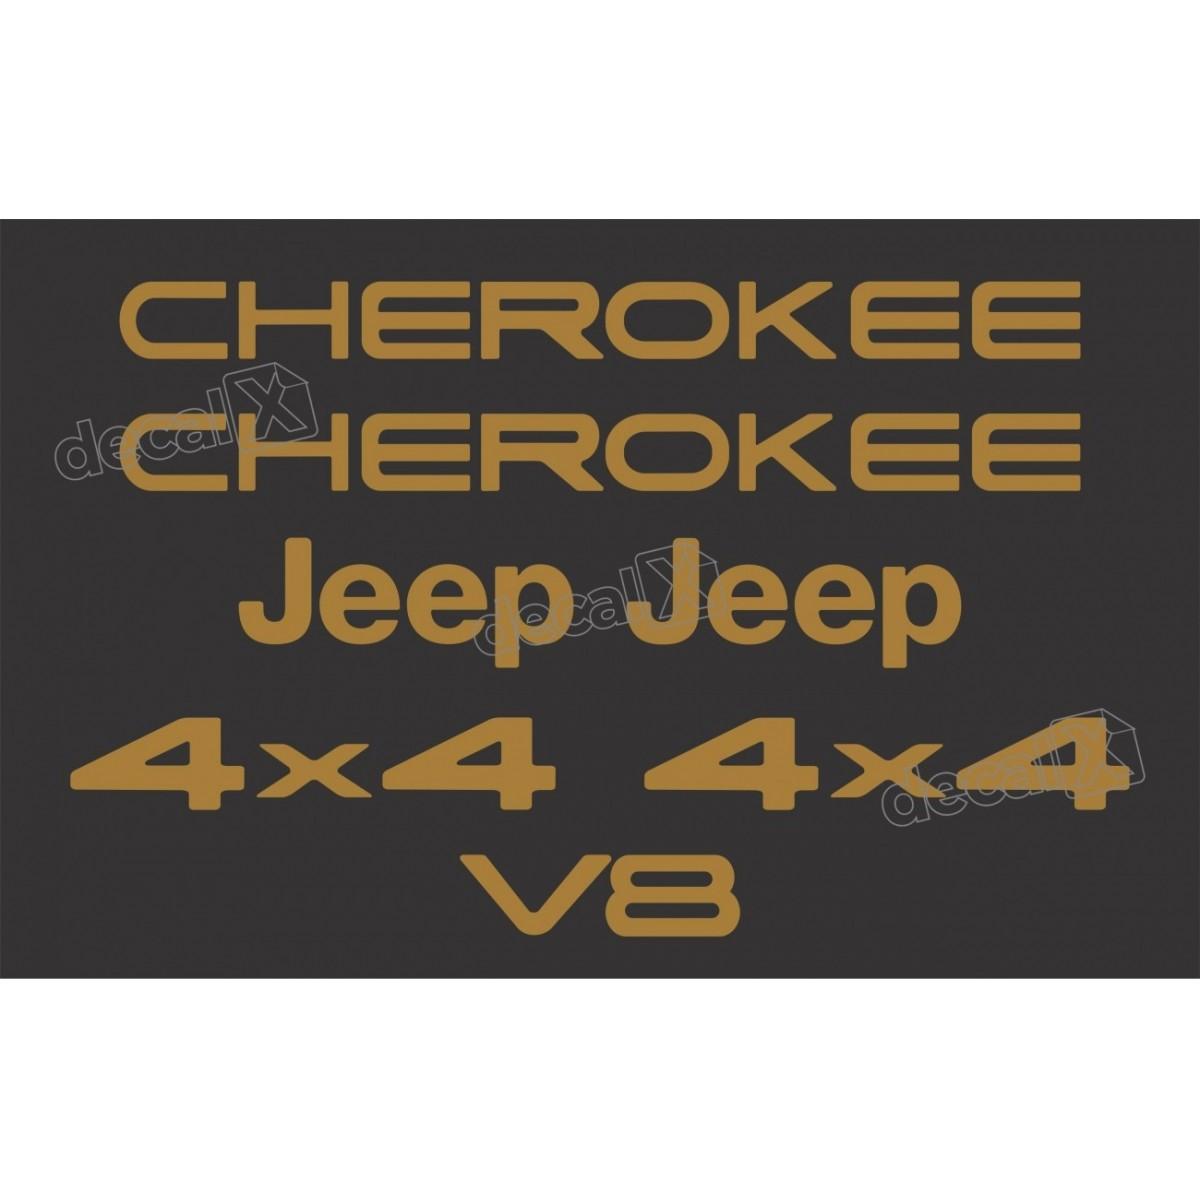 Kit Emblema Adesivo Resinado Cherokee 4x4 V8 Dourado